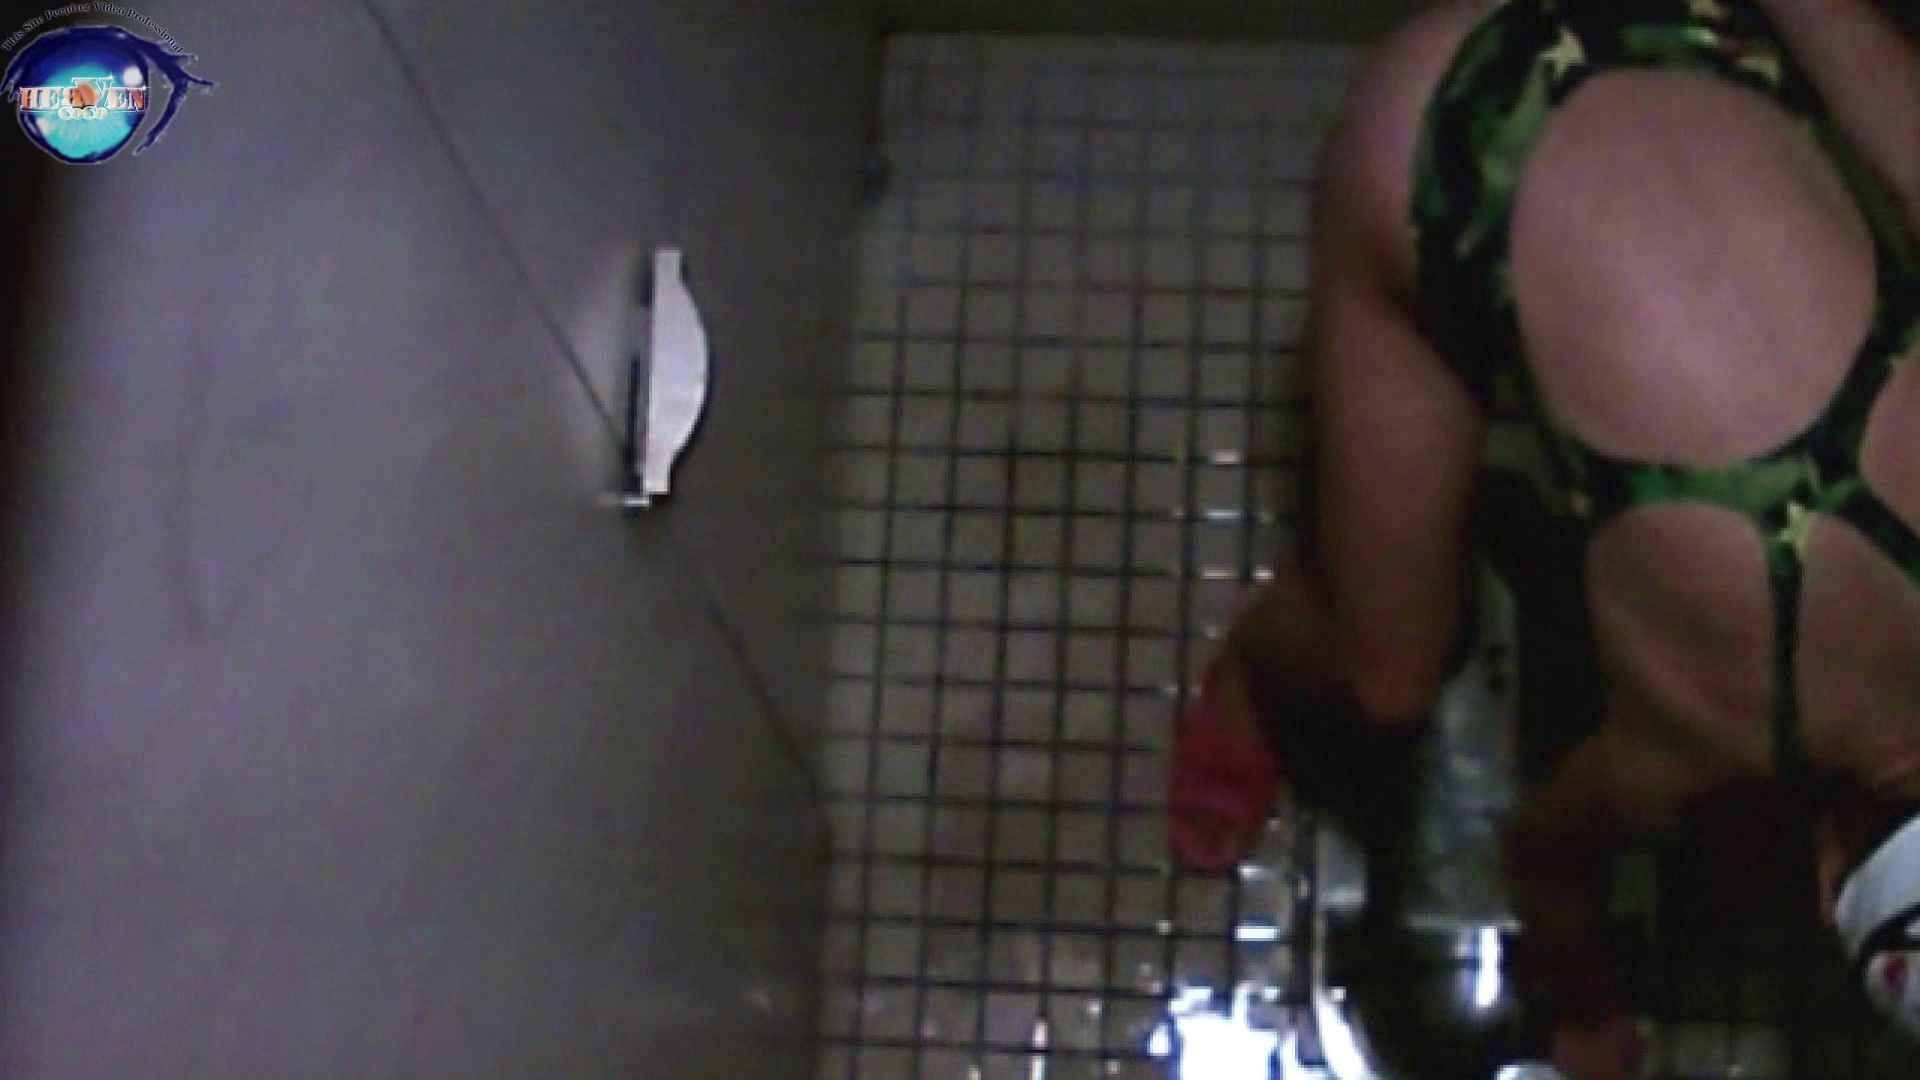 水泳大会選手の聖水 vol.16 厠の中で | トイレの中まで  11枚 9